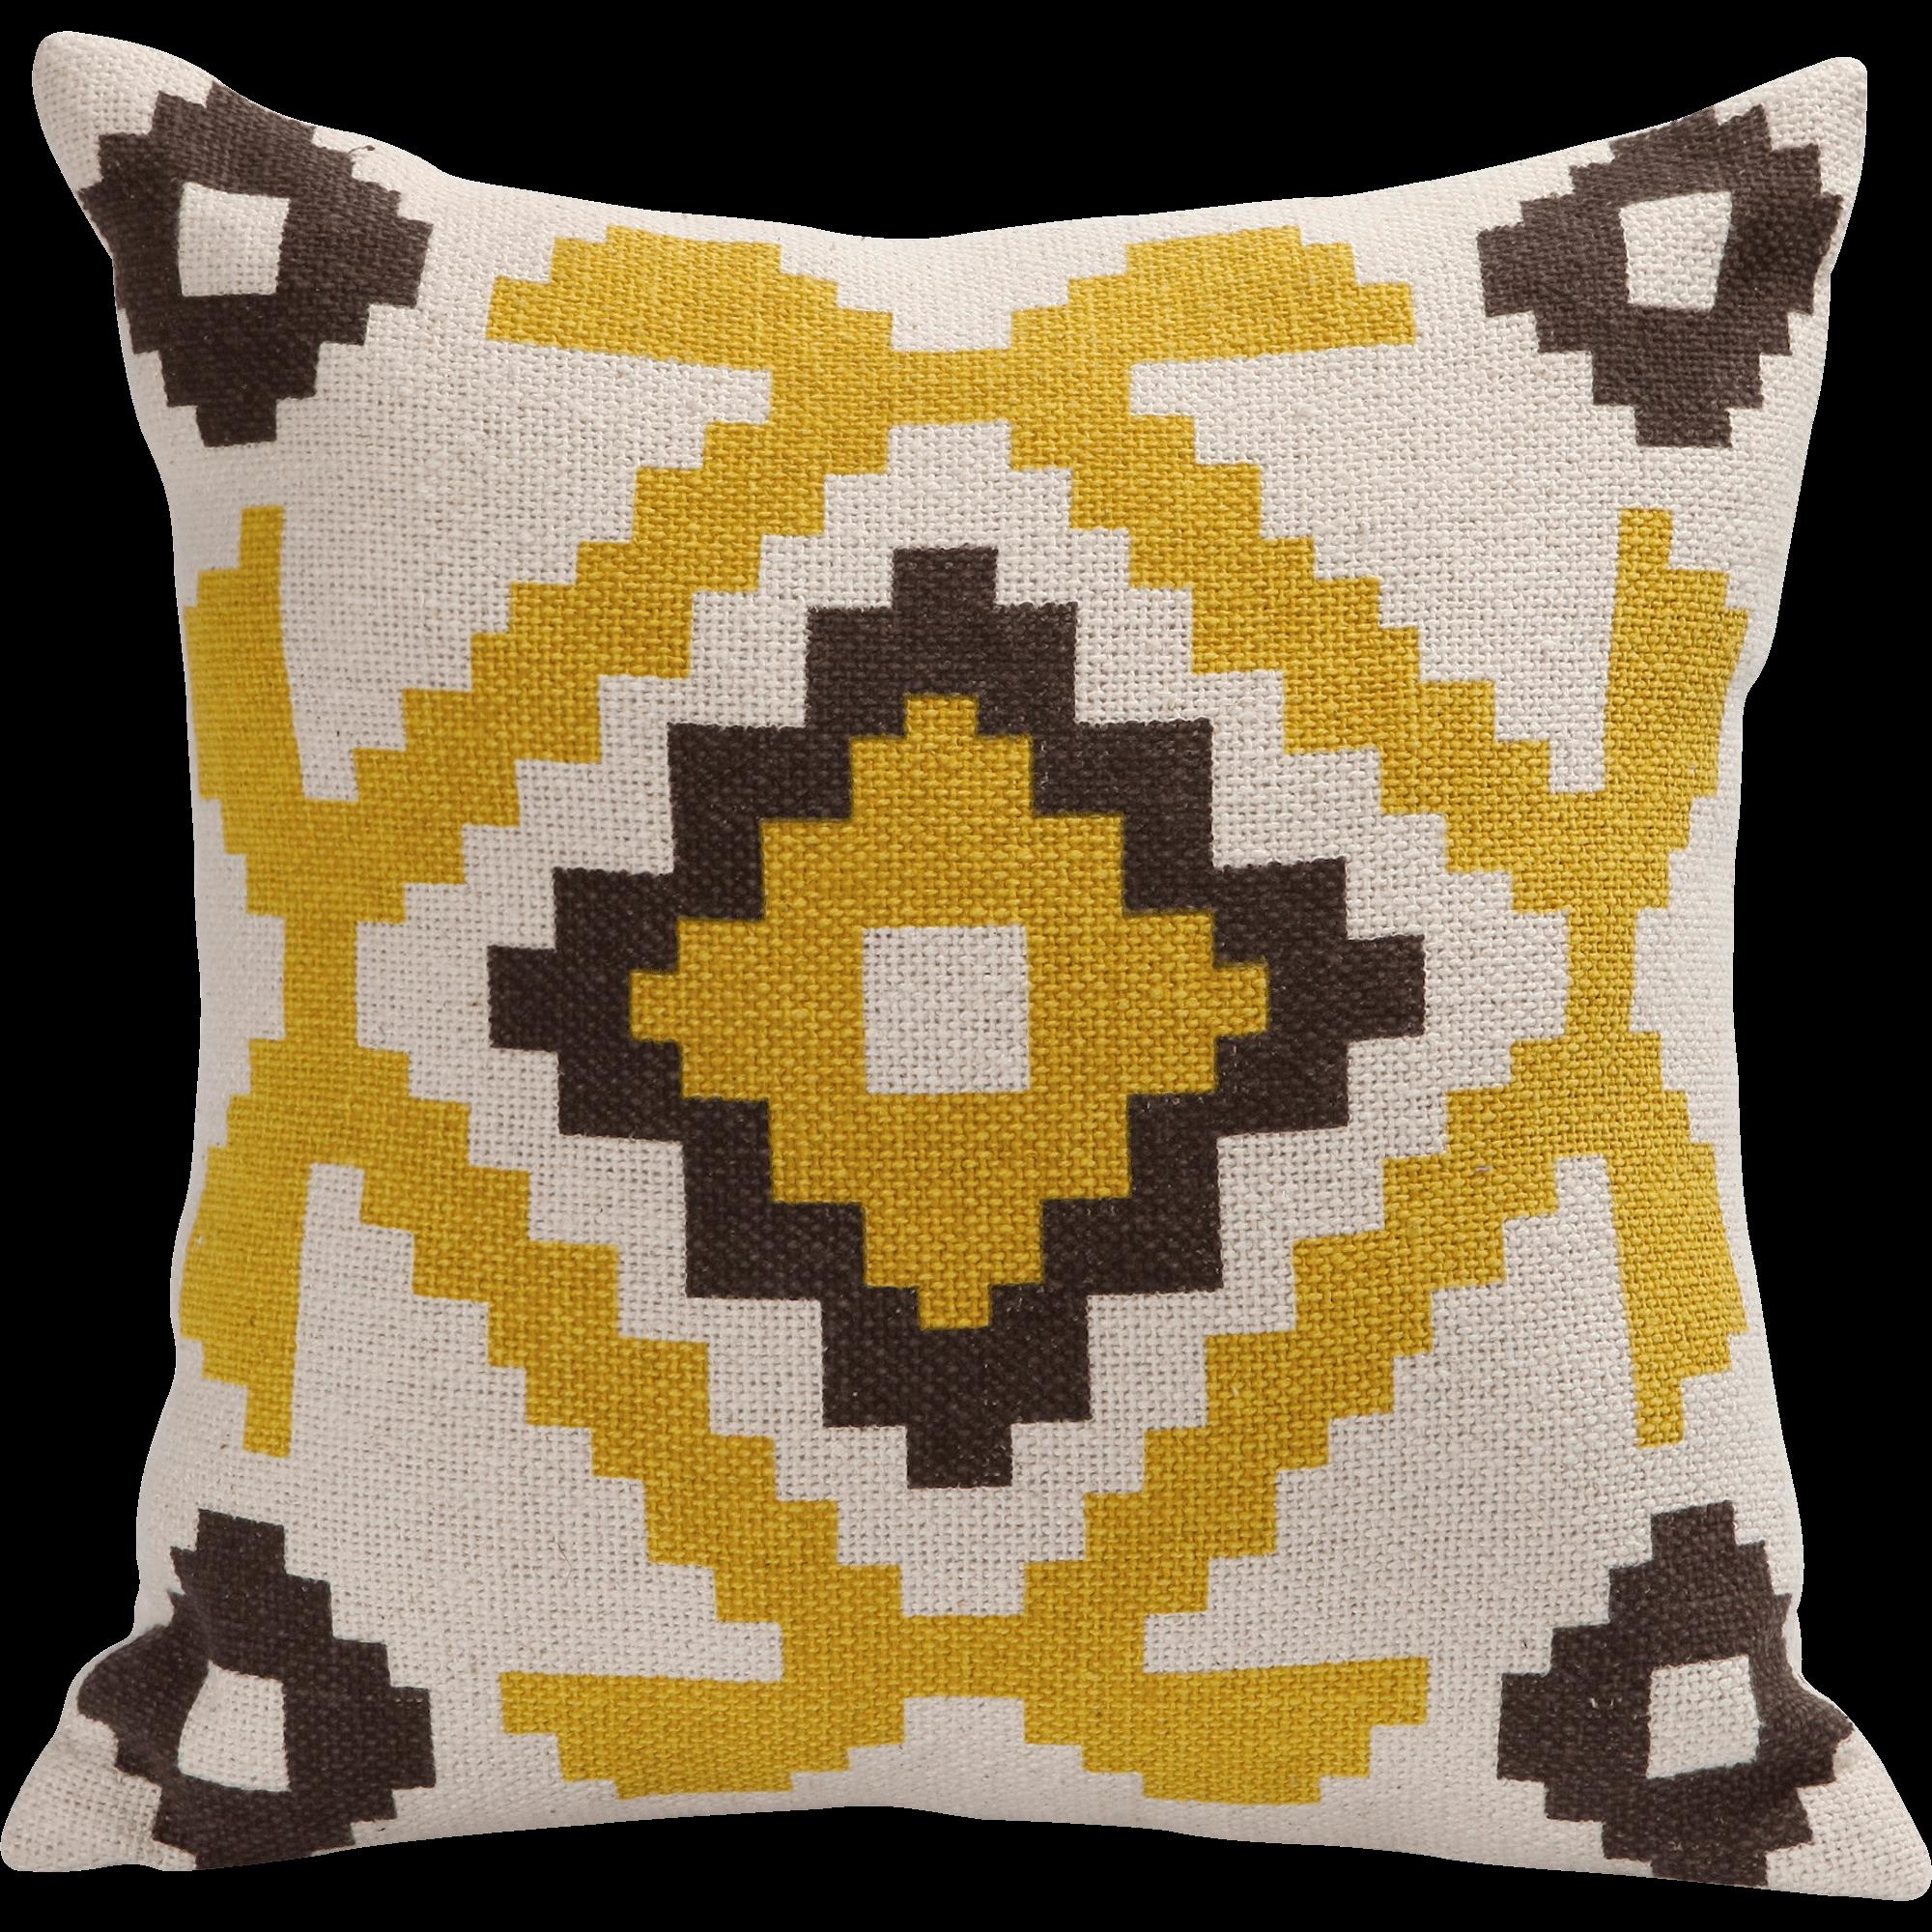 Coussin motifs aztèques jaunes 40x40cm -